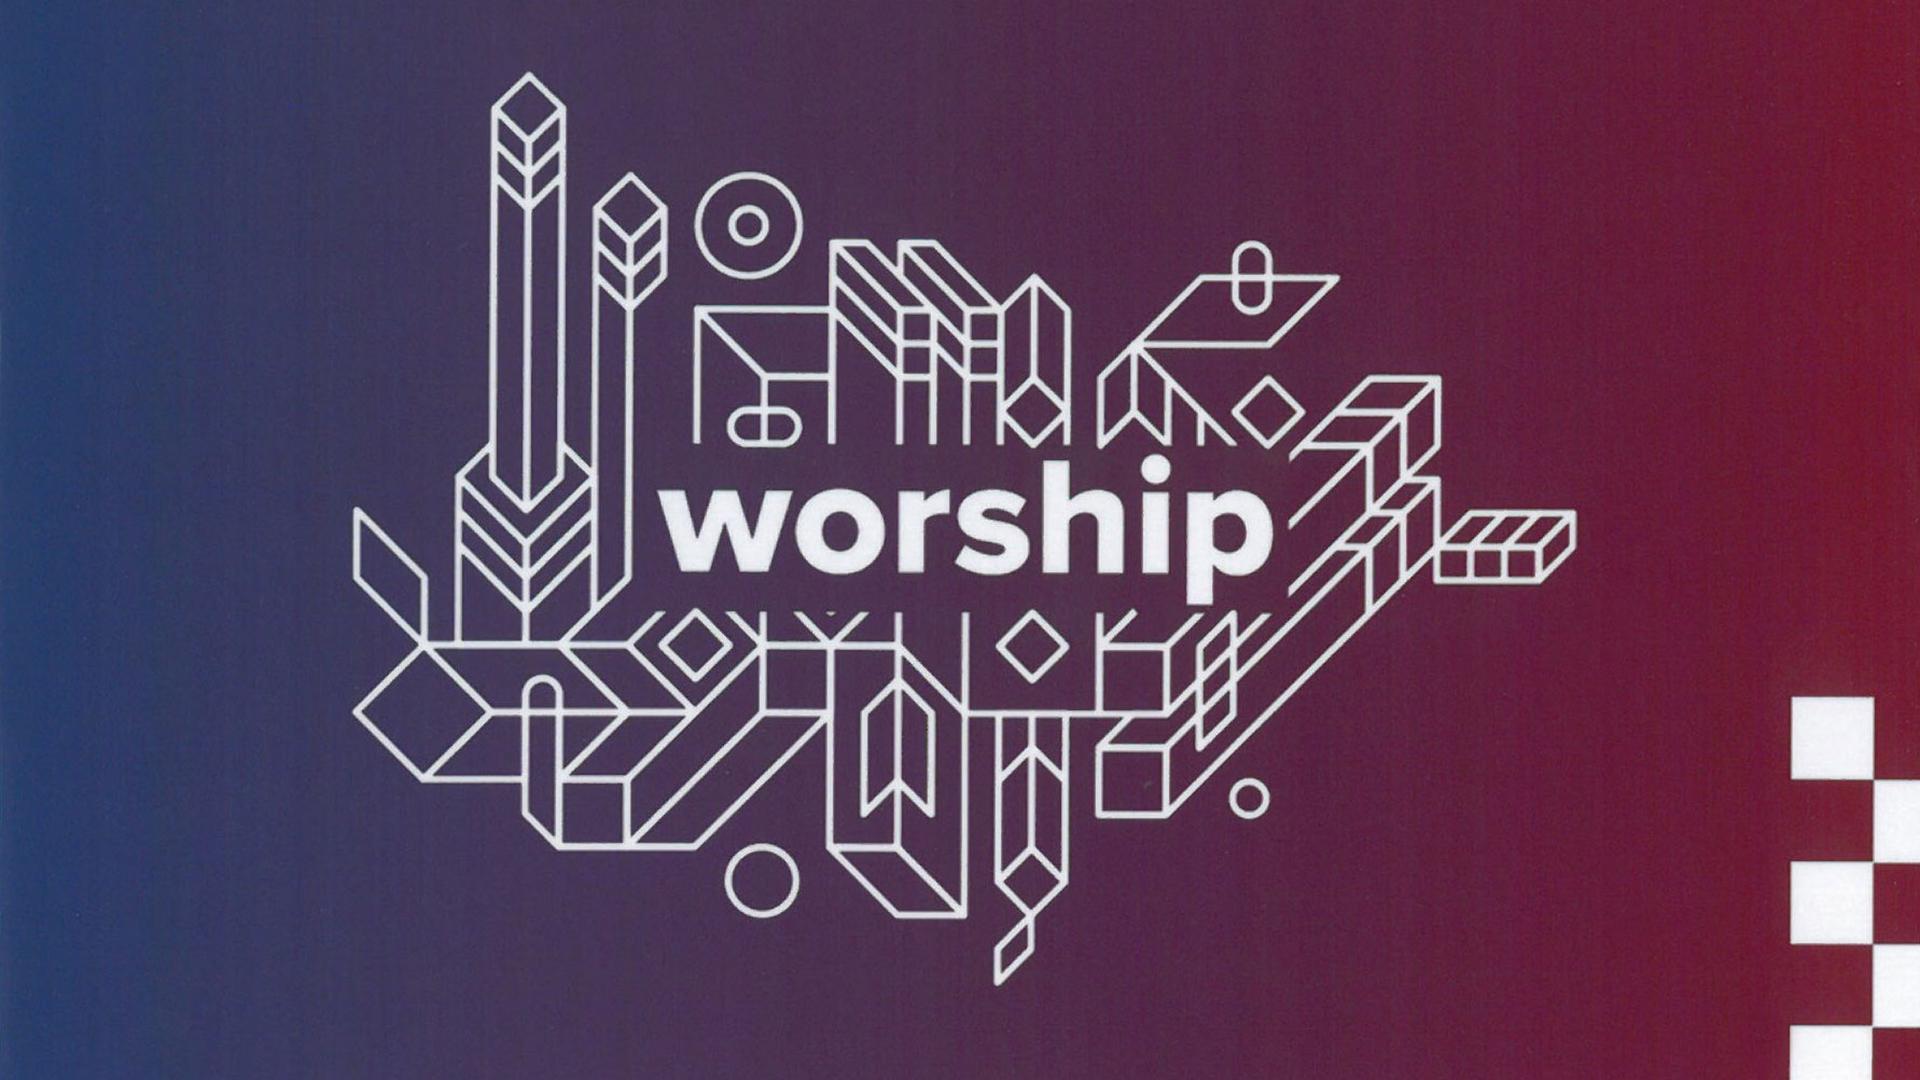 Series: Worship and Prayor Night